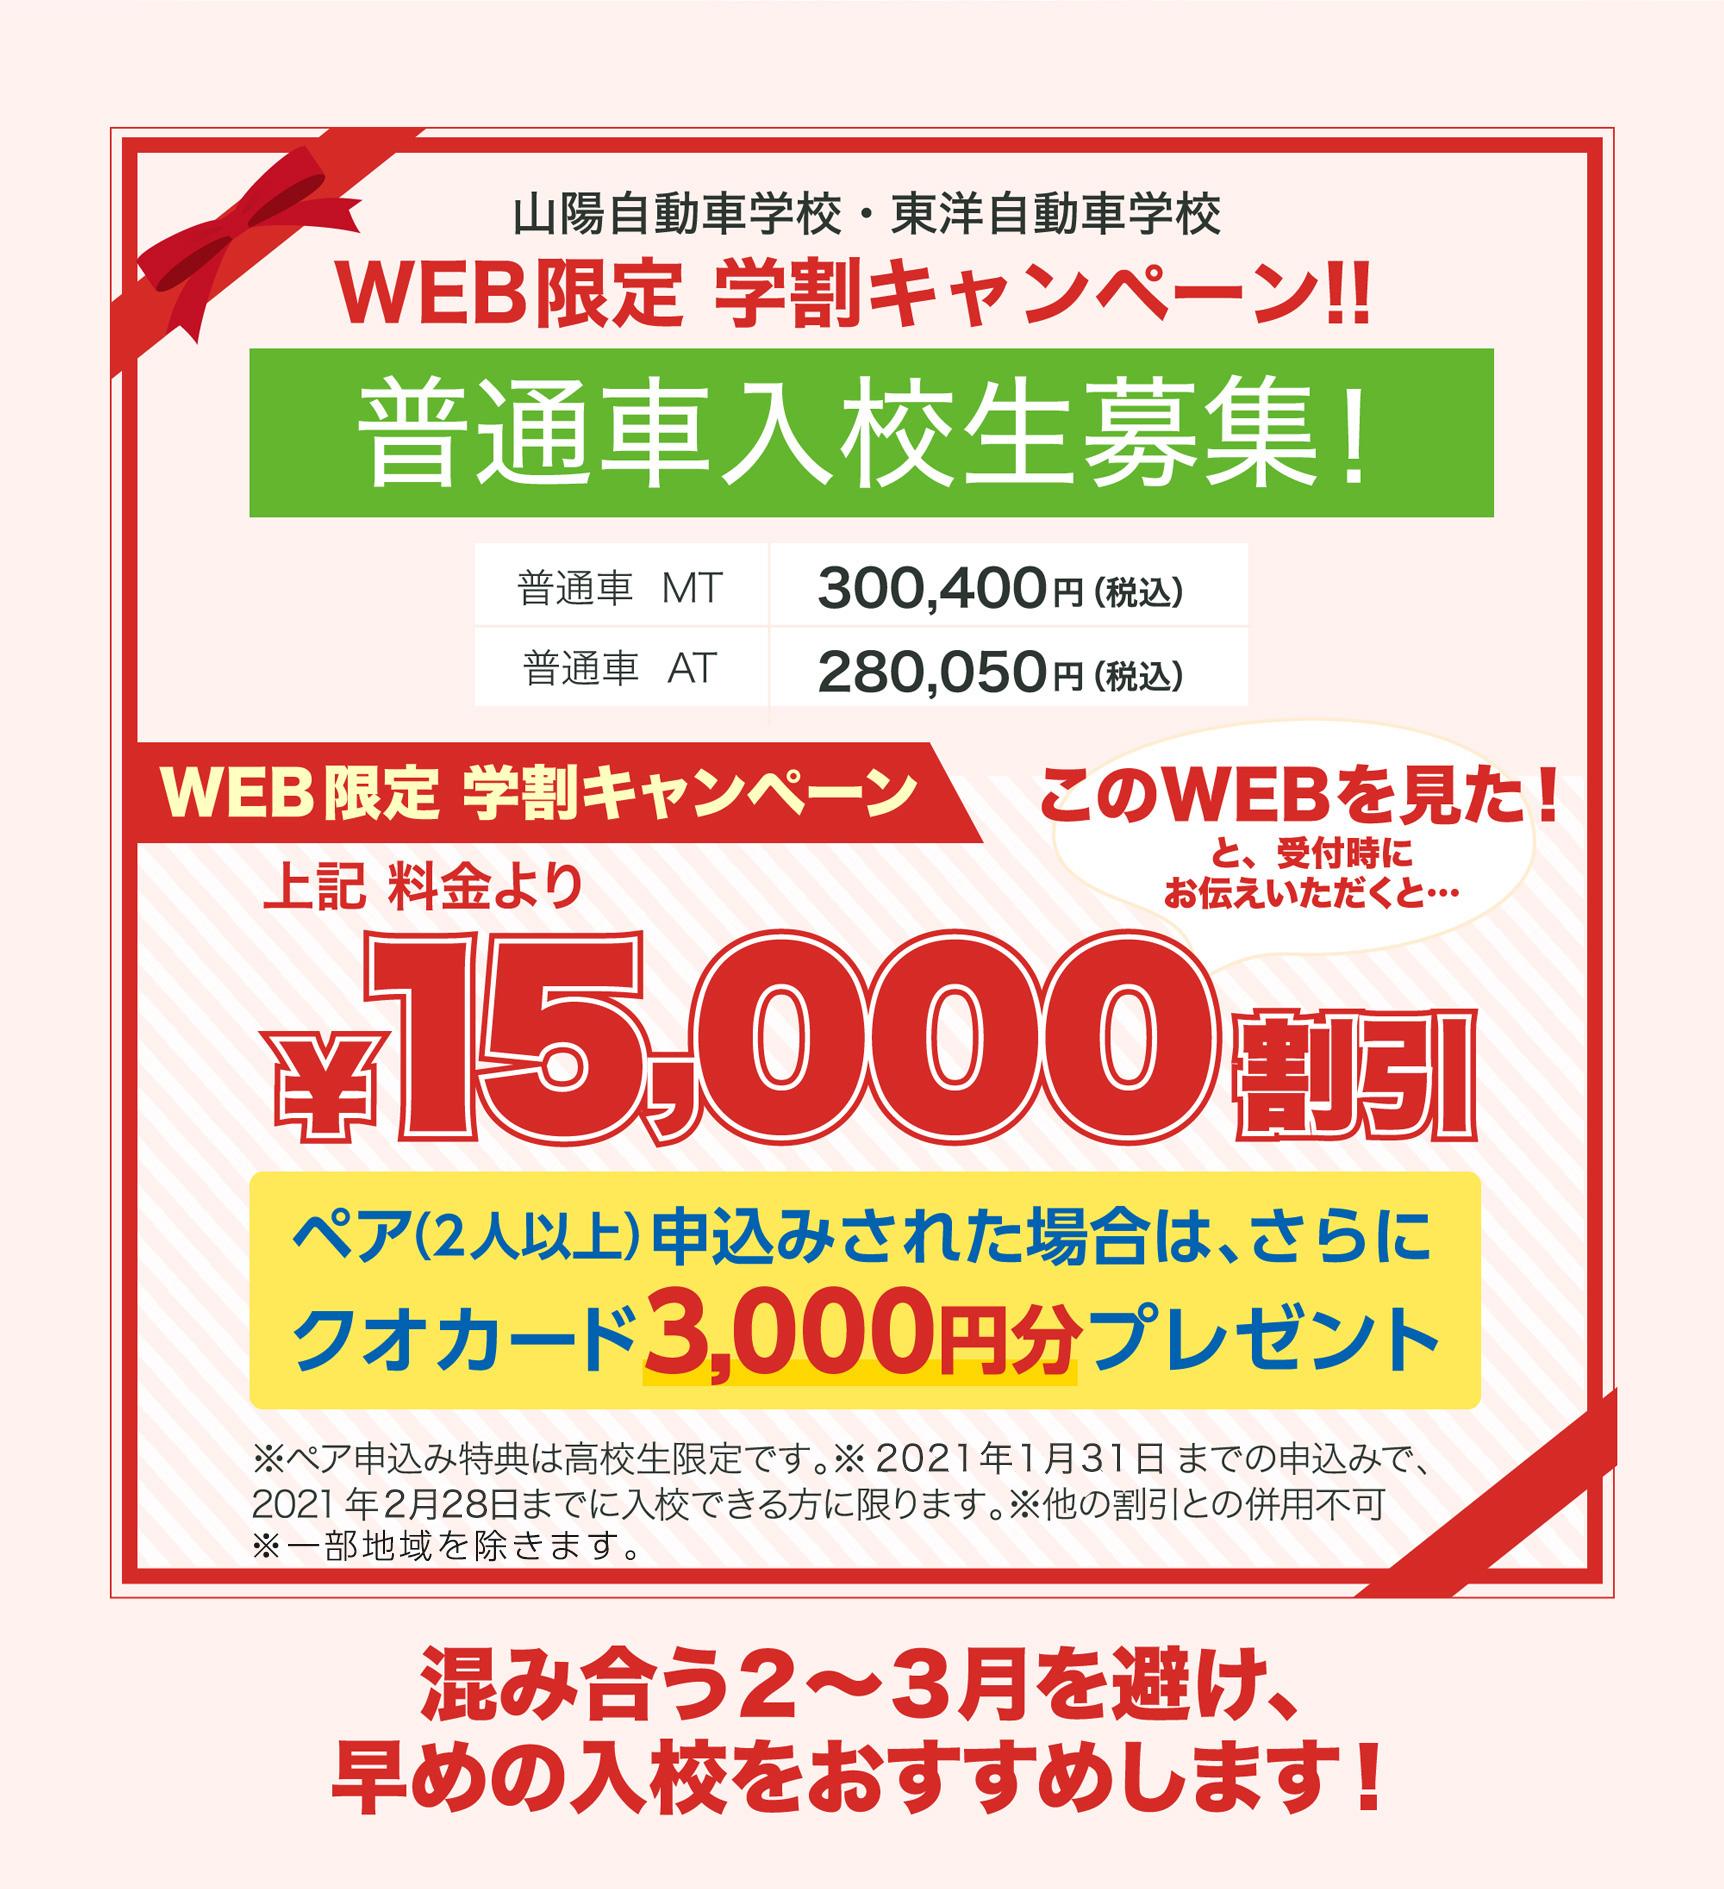 山陽自動車学校・東洋自動車学校 WEB限定 学割キャンペーン!![普通車入校生募集!]